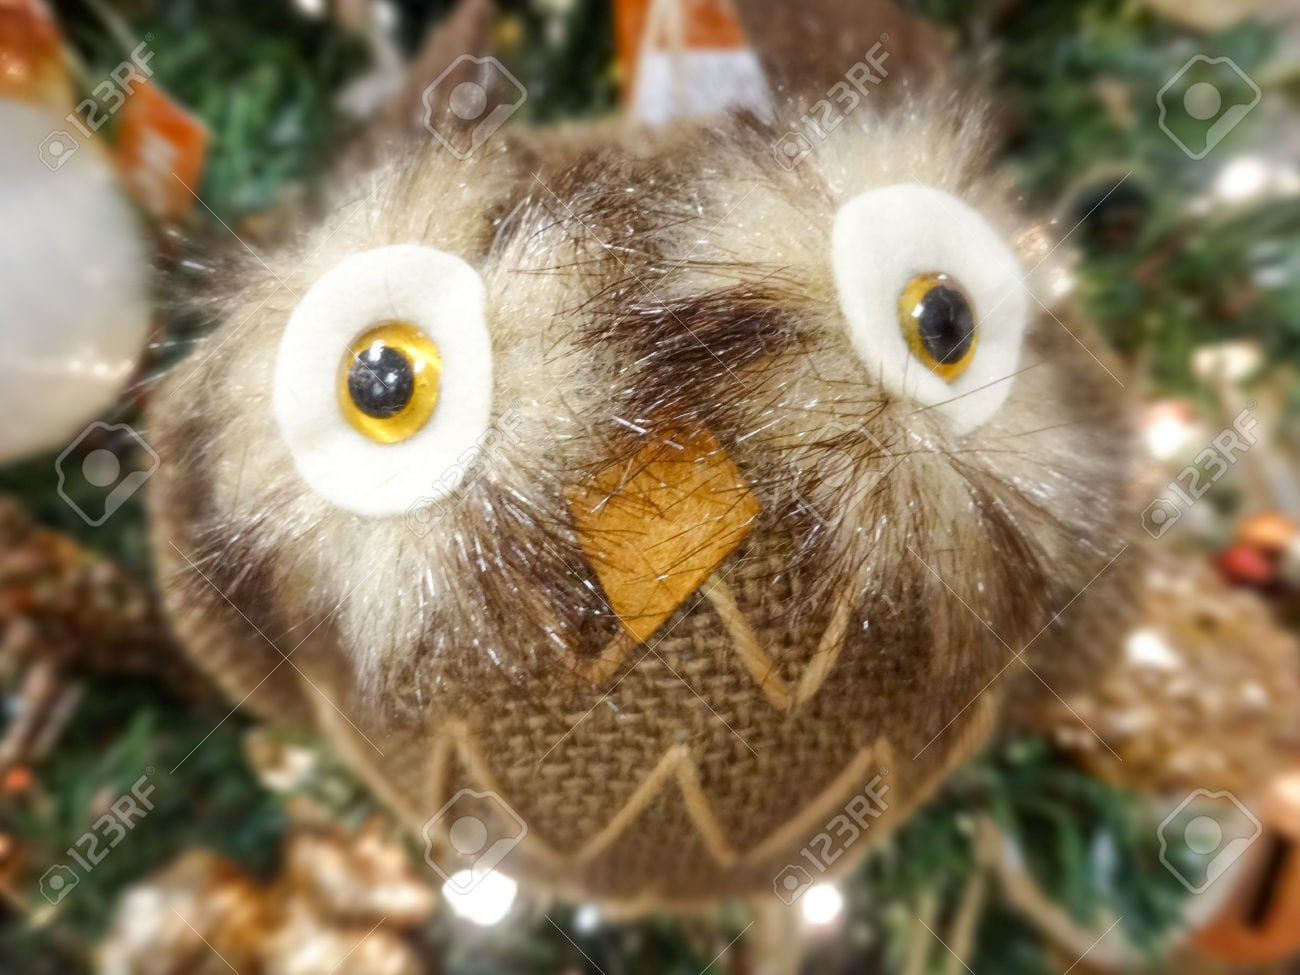 Artesanais De Natal Animais Brinquedo Decoração Foto Royalty Free